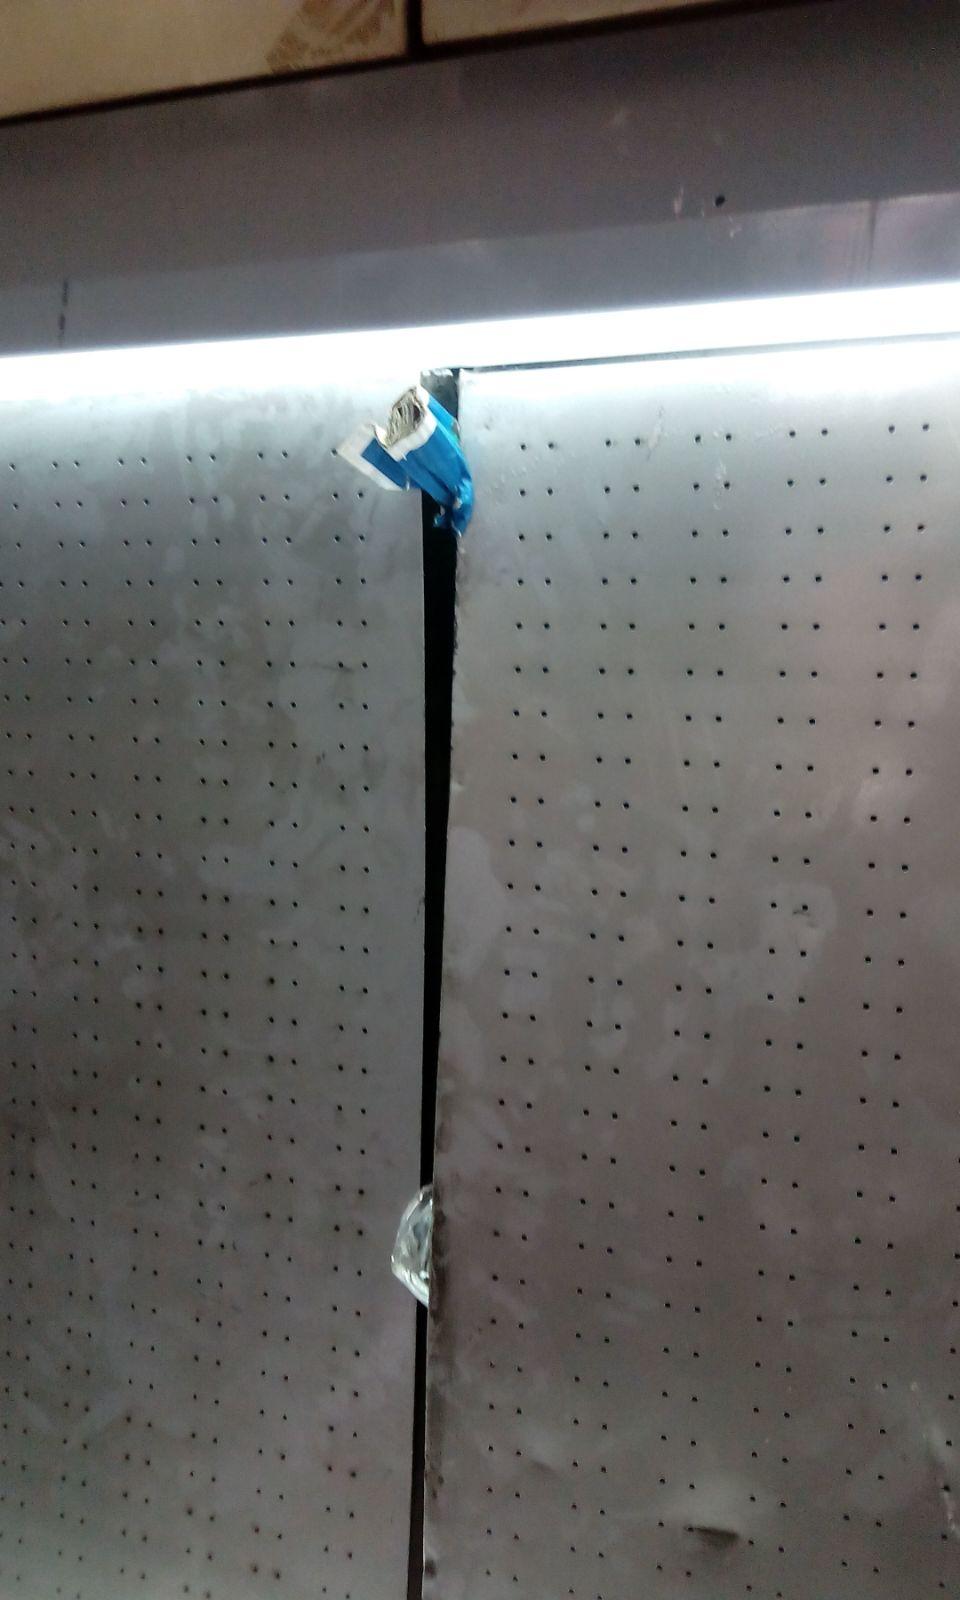 بالصور.. مواطن يرصد إهمالا بقطار الأقصر ـ القاهرة: تكييف مُعطل وسقف غير مُثبت طوال الرحلة